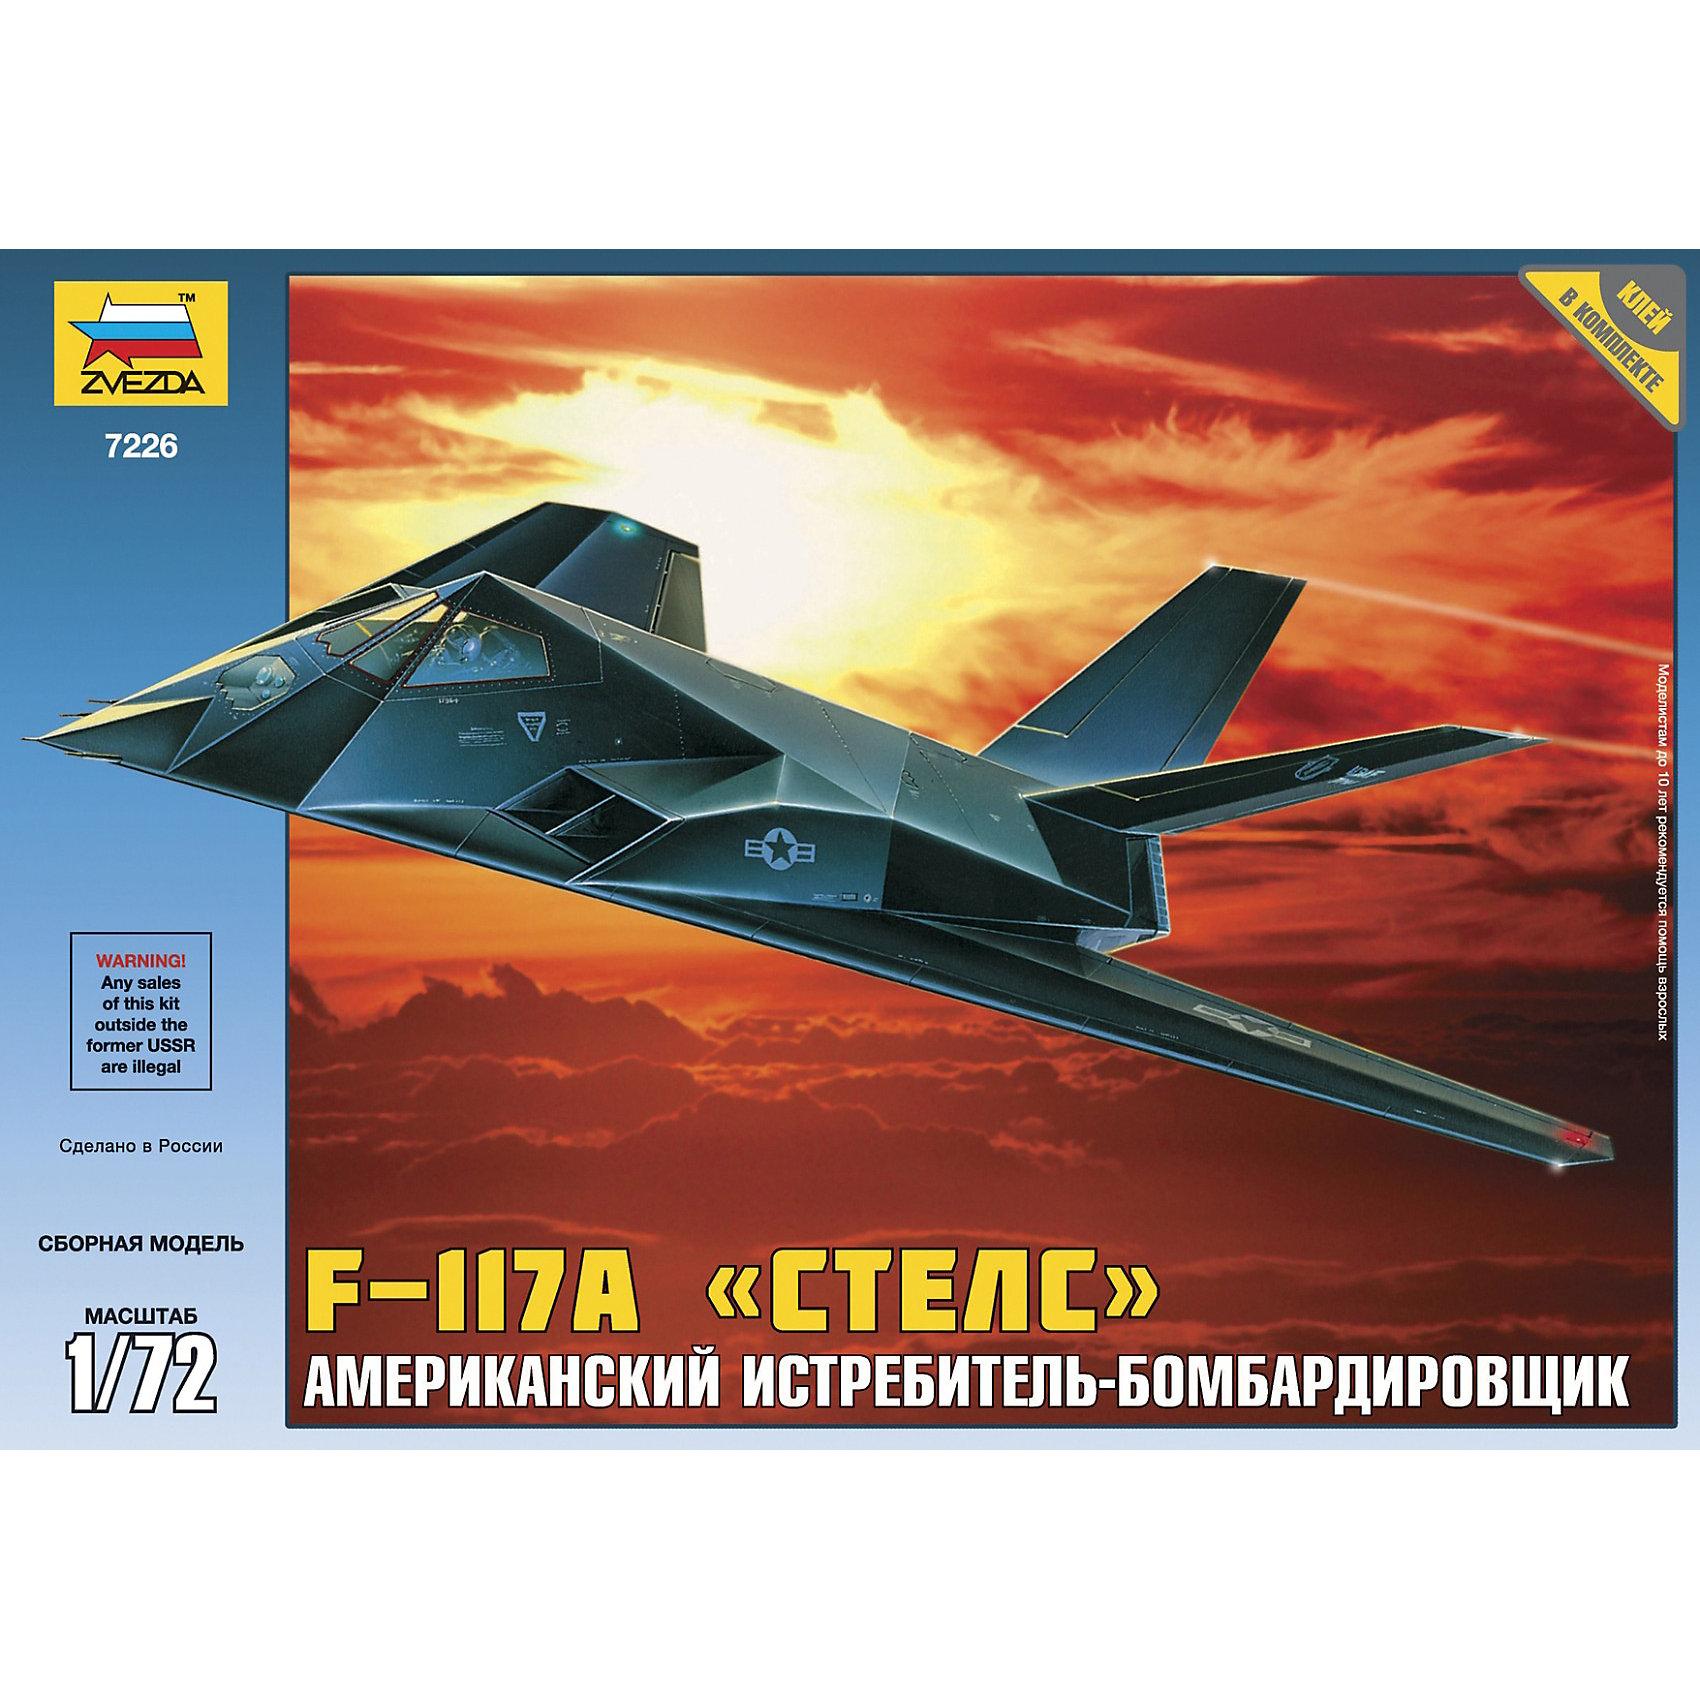 Сборная модель самолета F-117 Стелс, ЗвездаСамолёты и вертолёты<br>Сборная модель самолета F-117 Стелс, Звезда – это склеиваемая объемная модель американского ударного малозаметного самолета «Стелс» из пластика, высокая степень деталировки делает конструктор почти точной миниатюрной копией. Благодаря особой форме самолета, а также оснащению самолета приборами, он может быть невидим на радарах. У самолета Стелс есть функция дозаправки в воздухе. <br><br>Представленная модель самолета для склеивания имеет невысокий уровень сложности. Все соединения разработаны и рассчитаны с большой точностью, поэтому при склейке конструктора у вас не возникнет сложностей. Набор комплектуется декалью – картинкой, которую можно перенести на готовую модель, чтобы сборная модель самолета стала еще больше похожа на настоящий самолет. <br><br>Особенности:<br>-Количество деталей: 42 шт.<br>-Качество изготовления наивысшее<br>-Идеально подходит для подарка<br>-Прививает практические навыки работы со схемами и чертежами<br>-Развивает интеллектуальные способности, воображение и конструктивное мышление, мелкую моторику, усидчивость, внимание<br><br>Дополнительная информация:<br>-Материал: пластик <br>-Размер готовой модели: 27 см<br>-Клей и краски в комплект набора не входят<br>-Комплектация: 42 шт. деталей, инструкция, декаль<br><br>Благодаря экстравагантным и запоминающимся формам прототипа, эта модель самолета будет прекрасным дополнением в Вашей коллекции военных реактивных самолетов.<br><br>Сборную модель самолета F-117 Стелс, Звезда можно купить в нашем магазине.<br><br>Ширина мм: 345<br>Глубина мм: 60<br>Высота мм: 242<br>Вес г: 225<br>Возраст от месяцев: 36<br>Возраст до месяцев: 168<br>Пол: Мужской<br>Возраст: Детский<br>SKU: 3676474